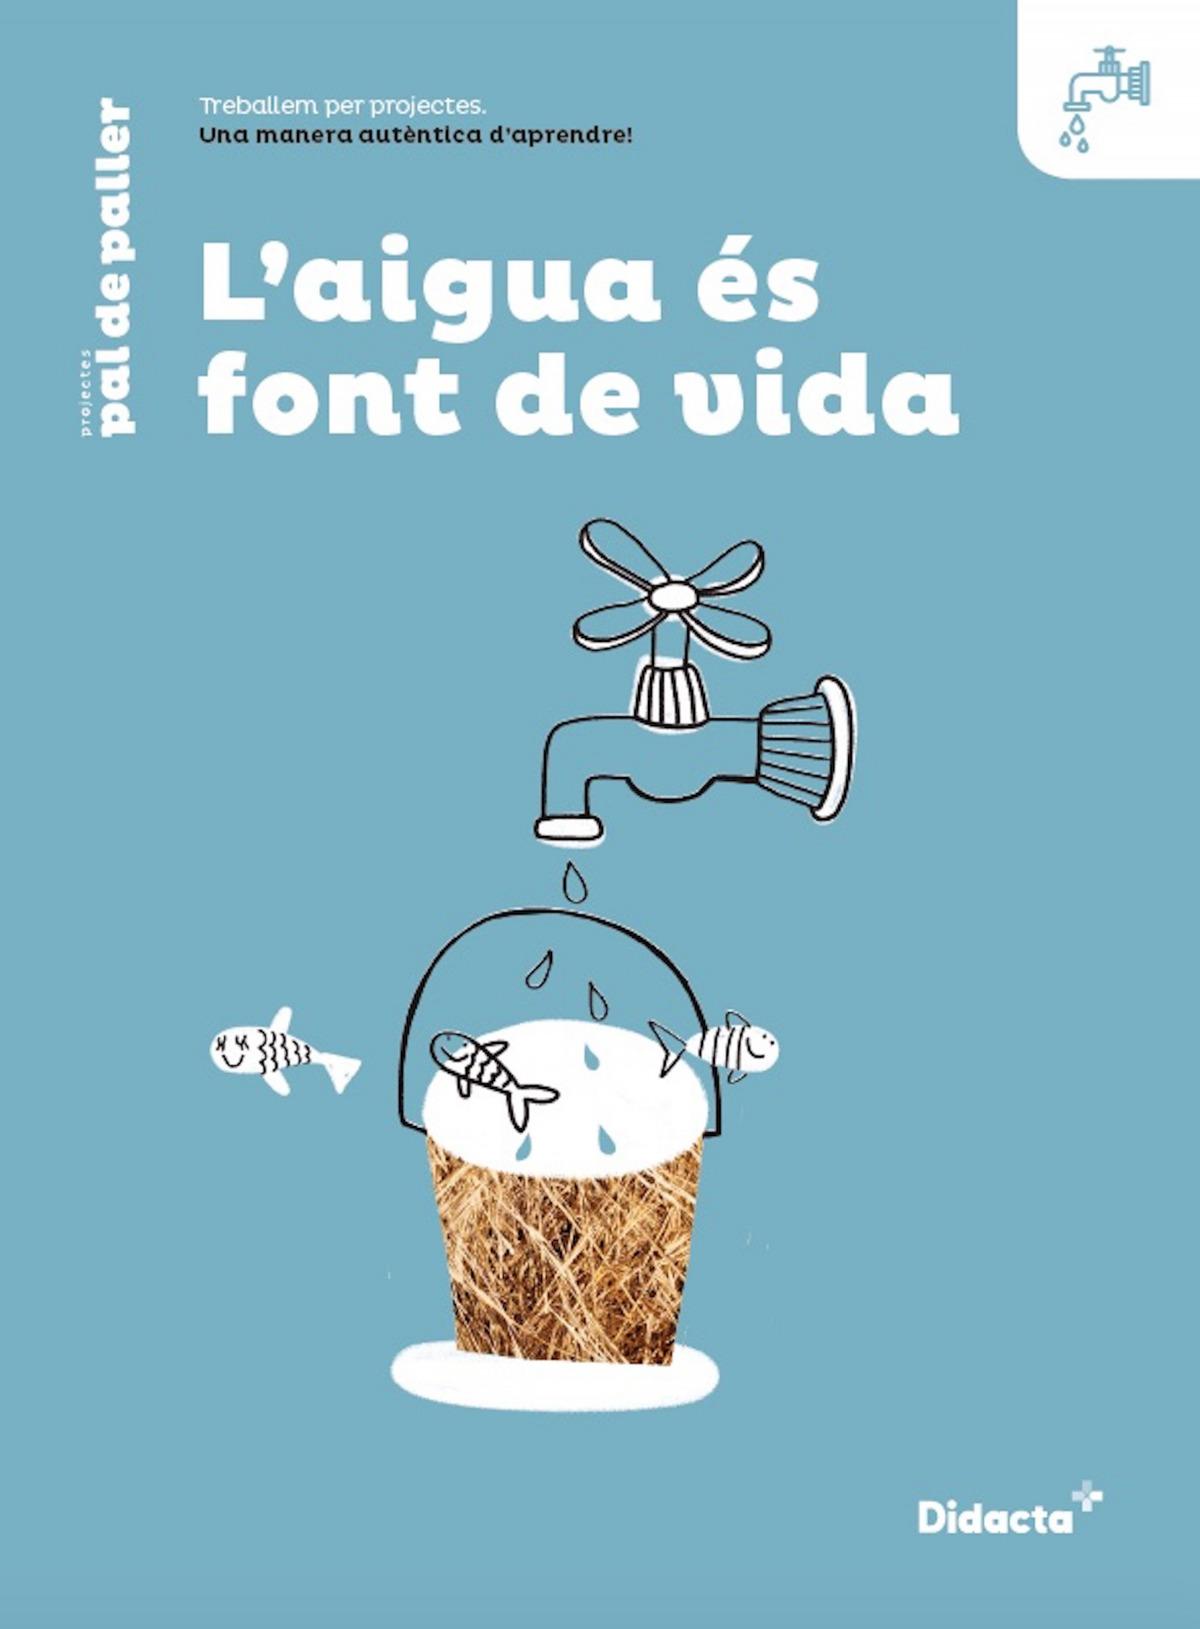 L'aigua font de vida. Quadern de treball (nova edició 2021)